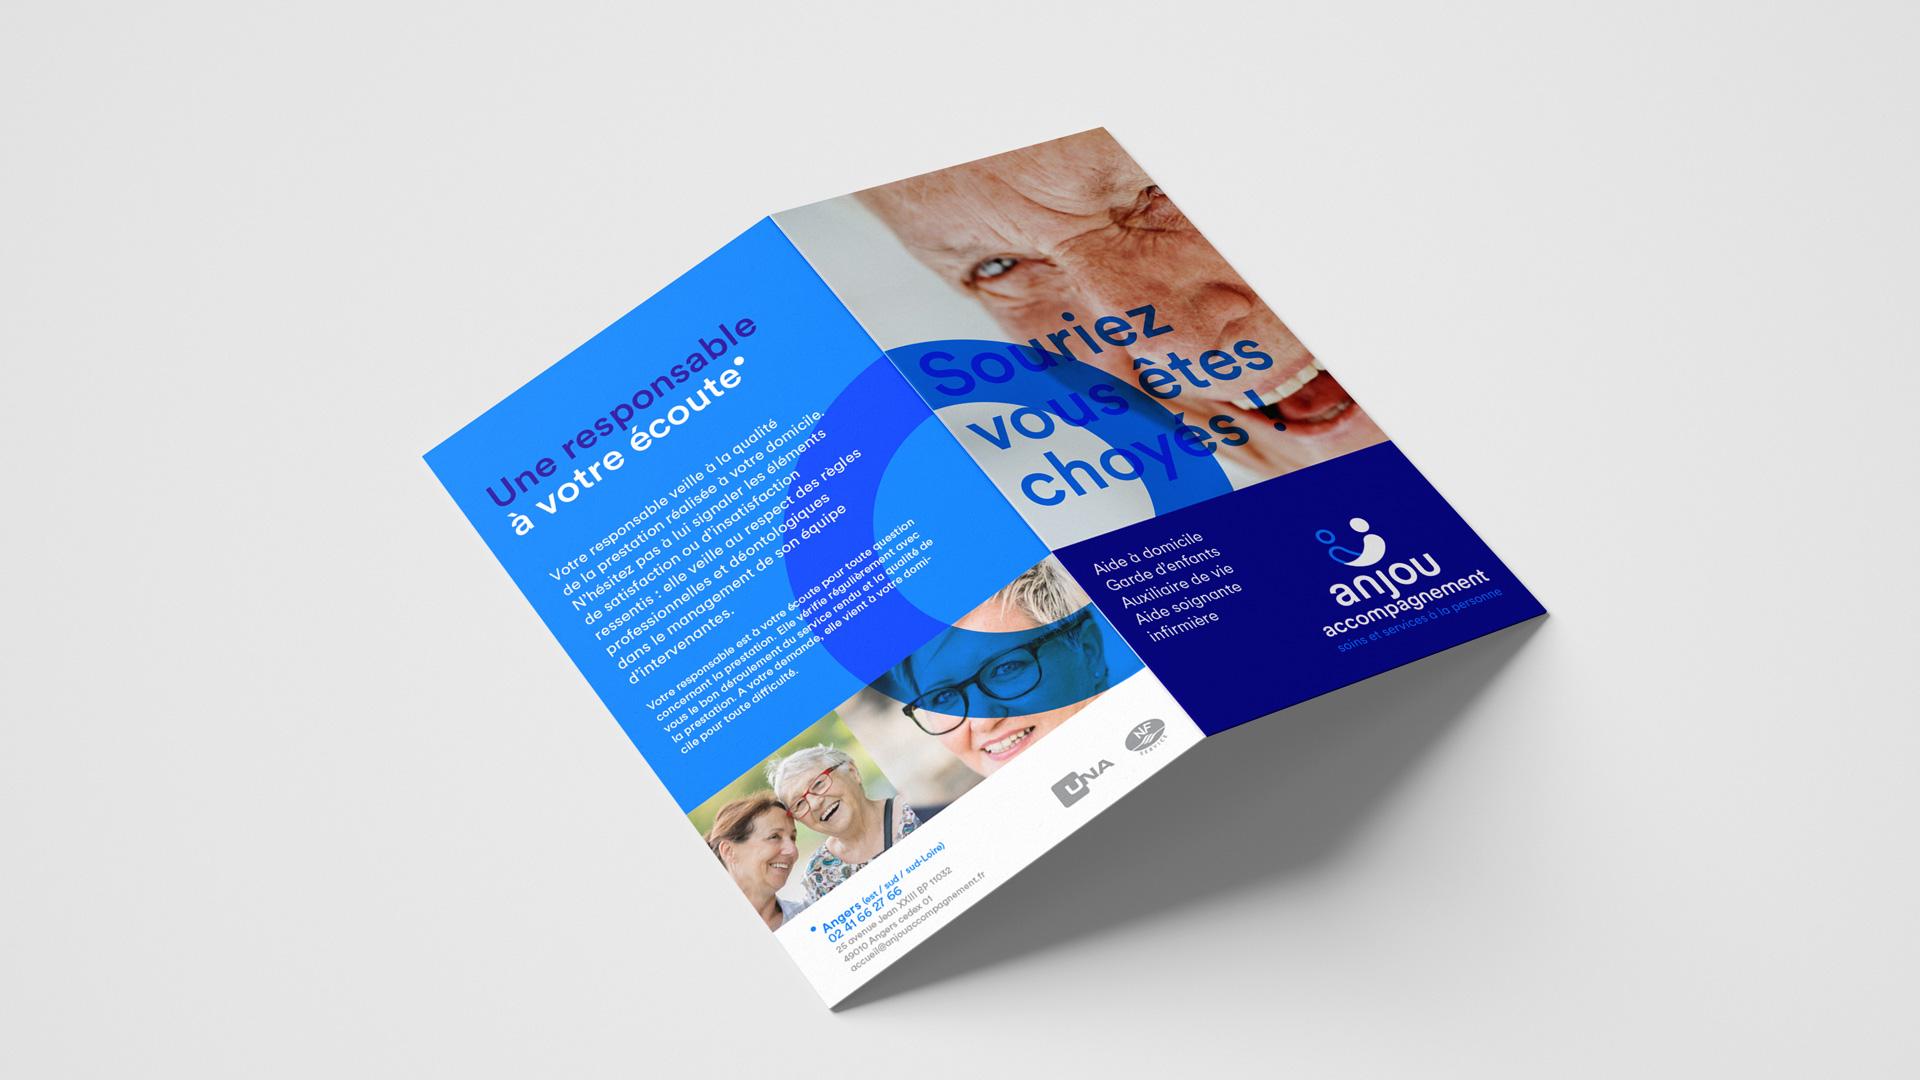 Anjou Accompagnement Association Identite Visuelle Brochure Charte Graphique 1